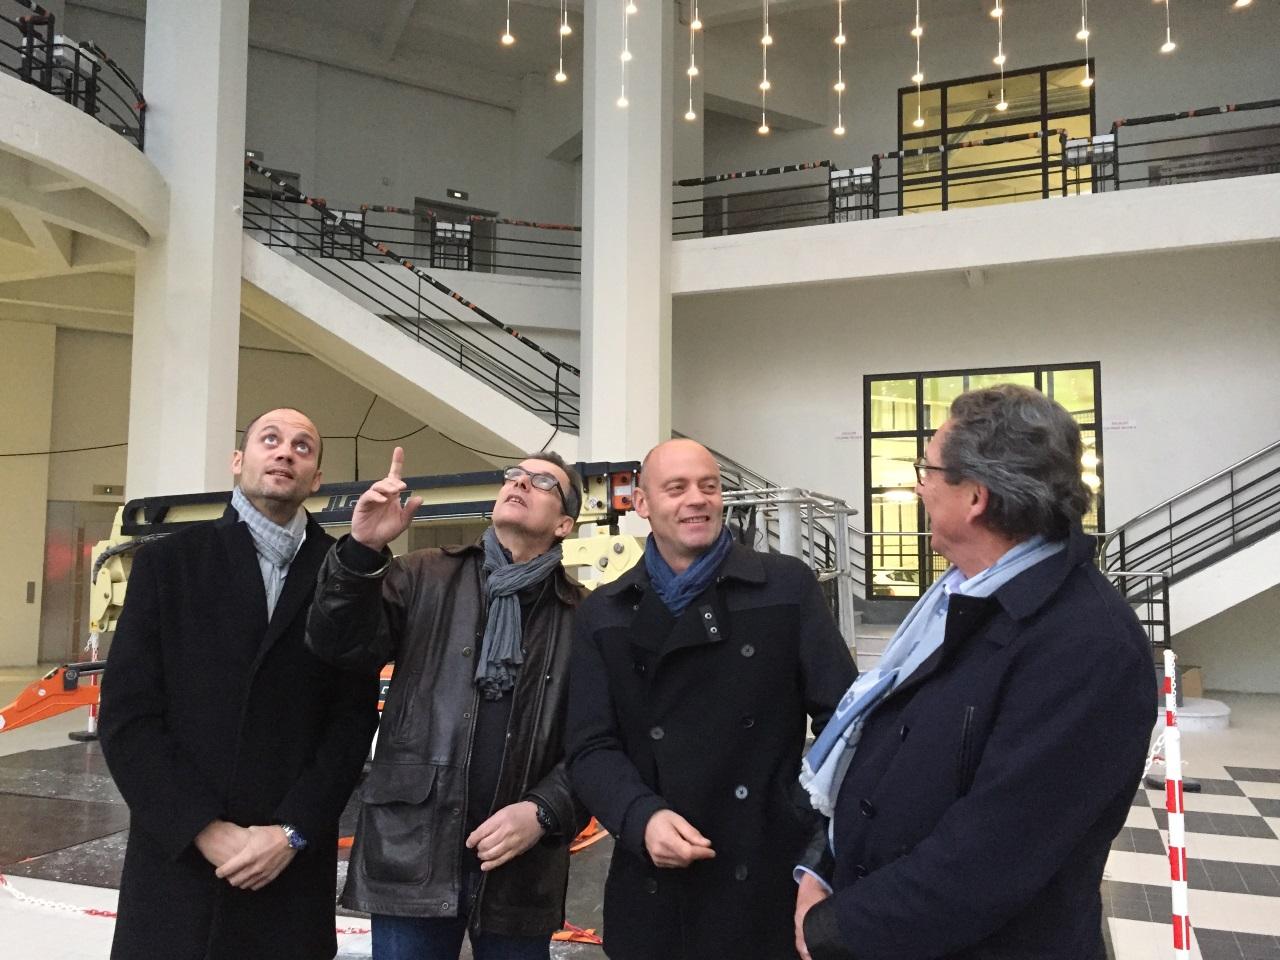 Nicolas Gagneux, Jean-Pierre Gagneux et les architectes Philippe Allart et Yannick Pascal - LyonMag